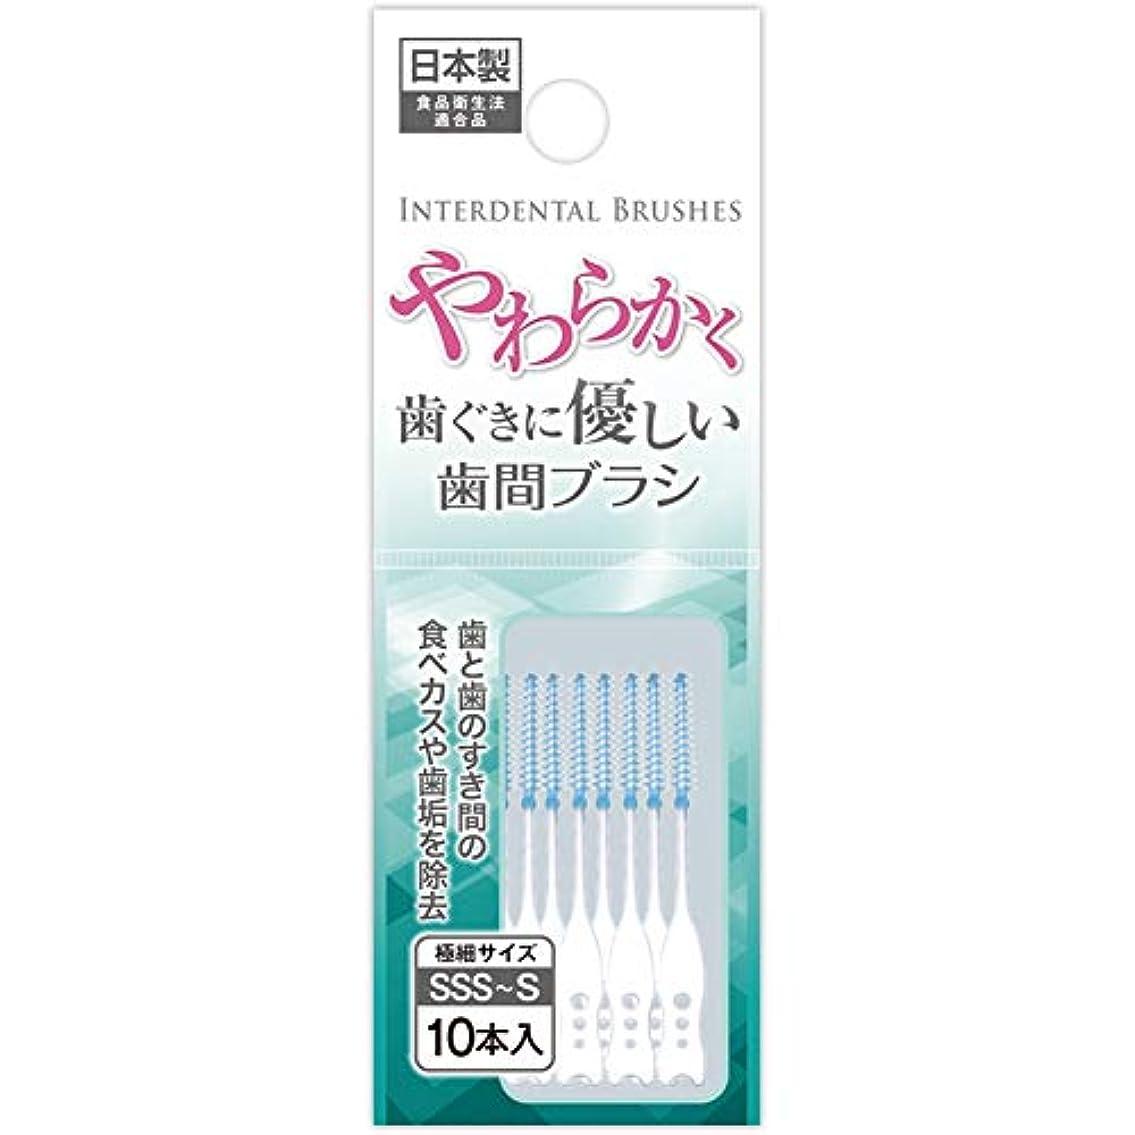 悪意宿るどんよりした柔らかく優しい歯間ブラシSSS~S10本入 日本製 41-288【まとめ買い12個セット】